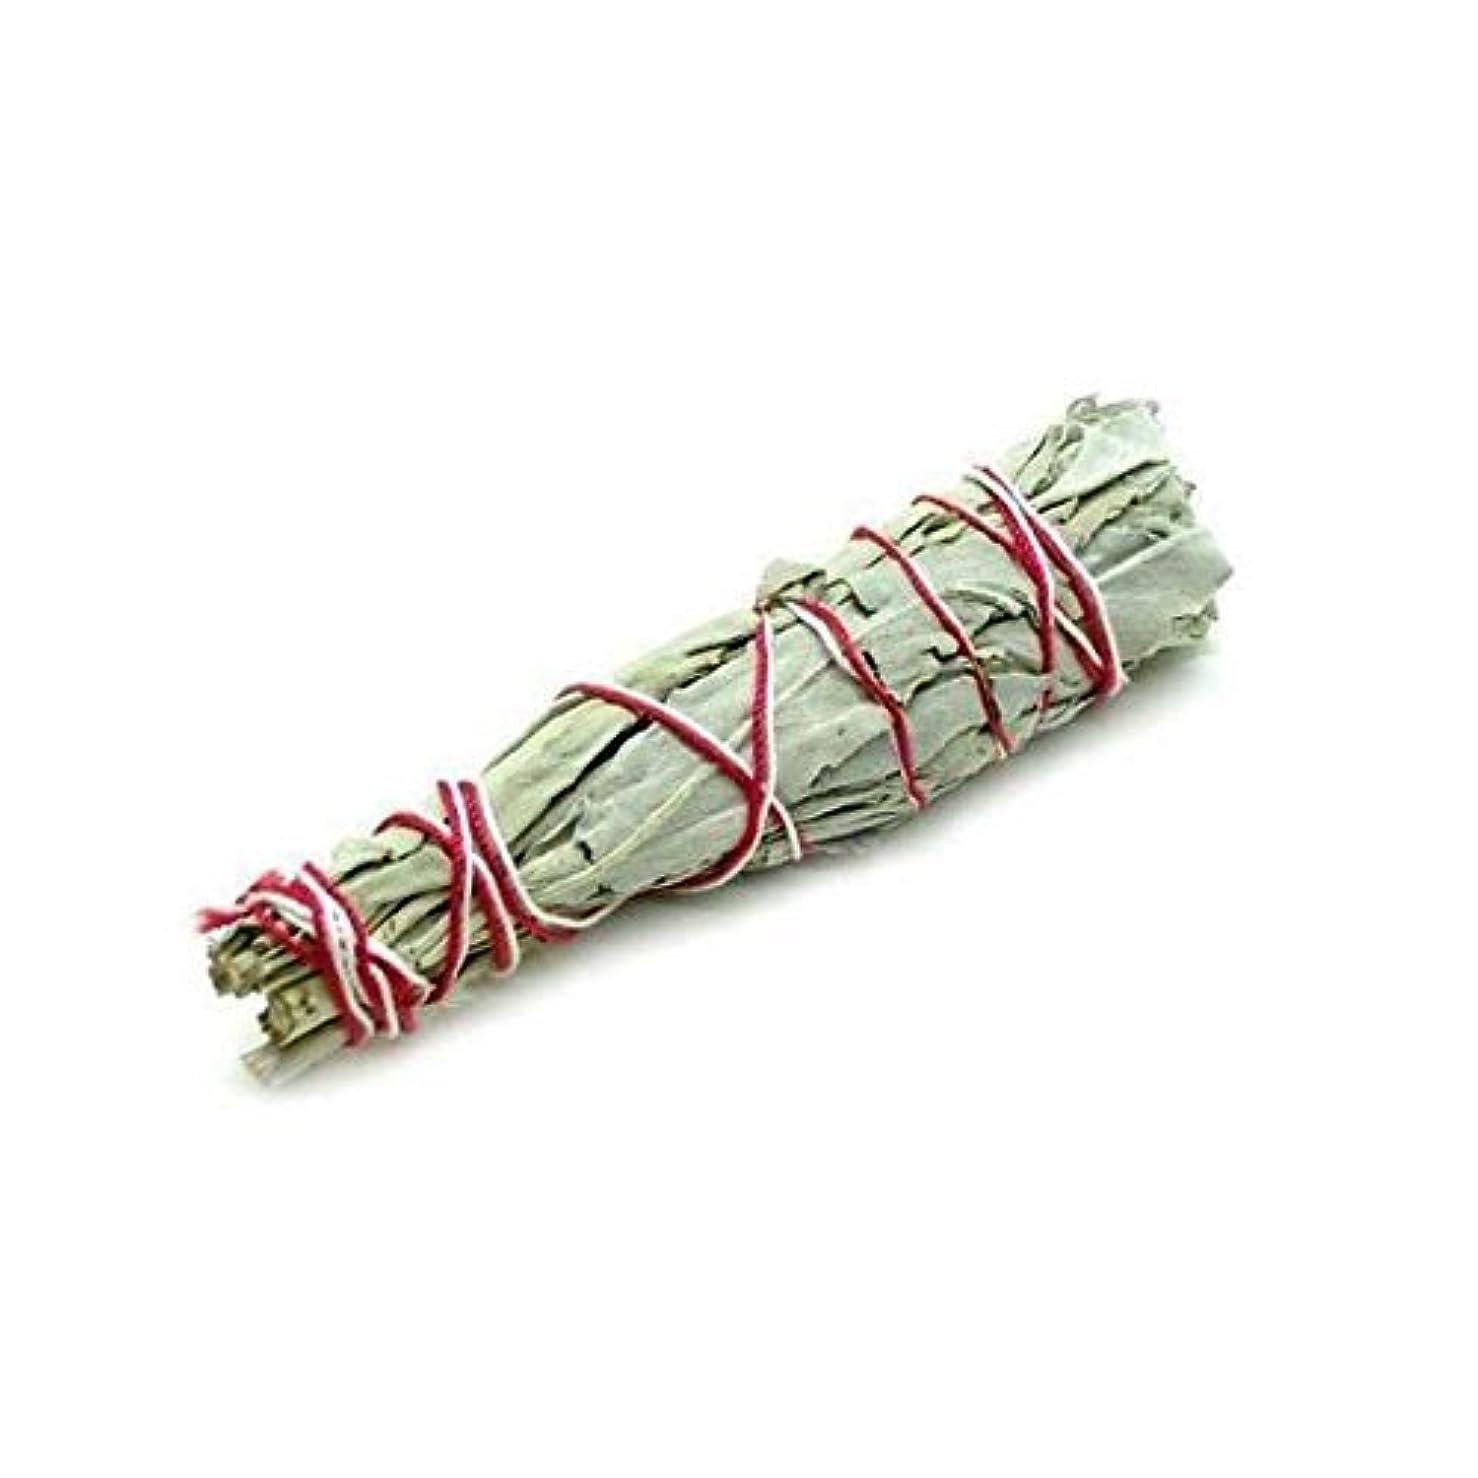 建築家無喪セージバンドル – ホワイトセージSmudge Stick使用のクレンジングとPurifyingエネルギー、瞑想、自然として、消臭 – 6 Inches Long